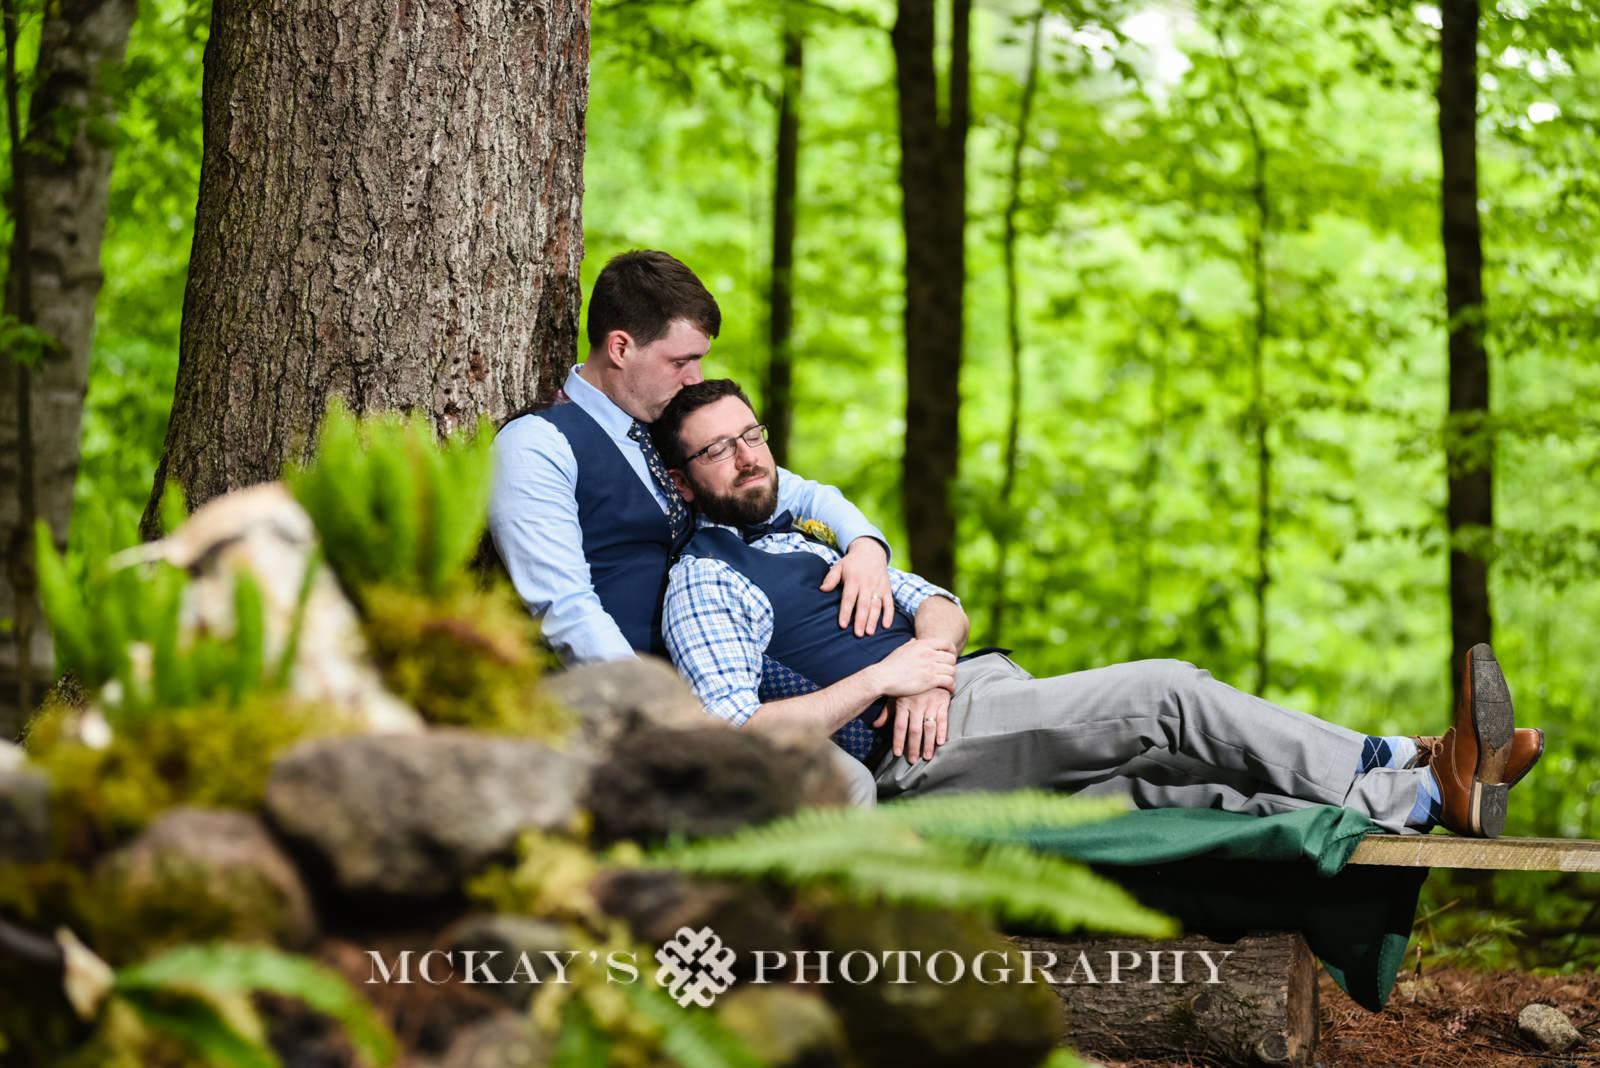 Adirondack wedding venues near Albany NY